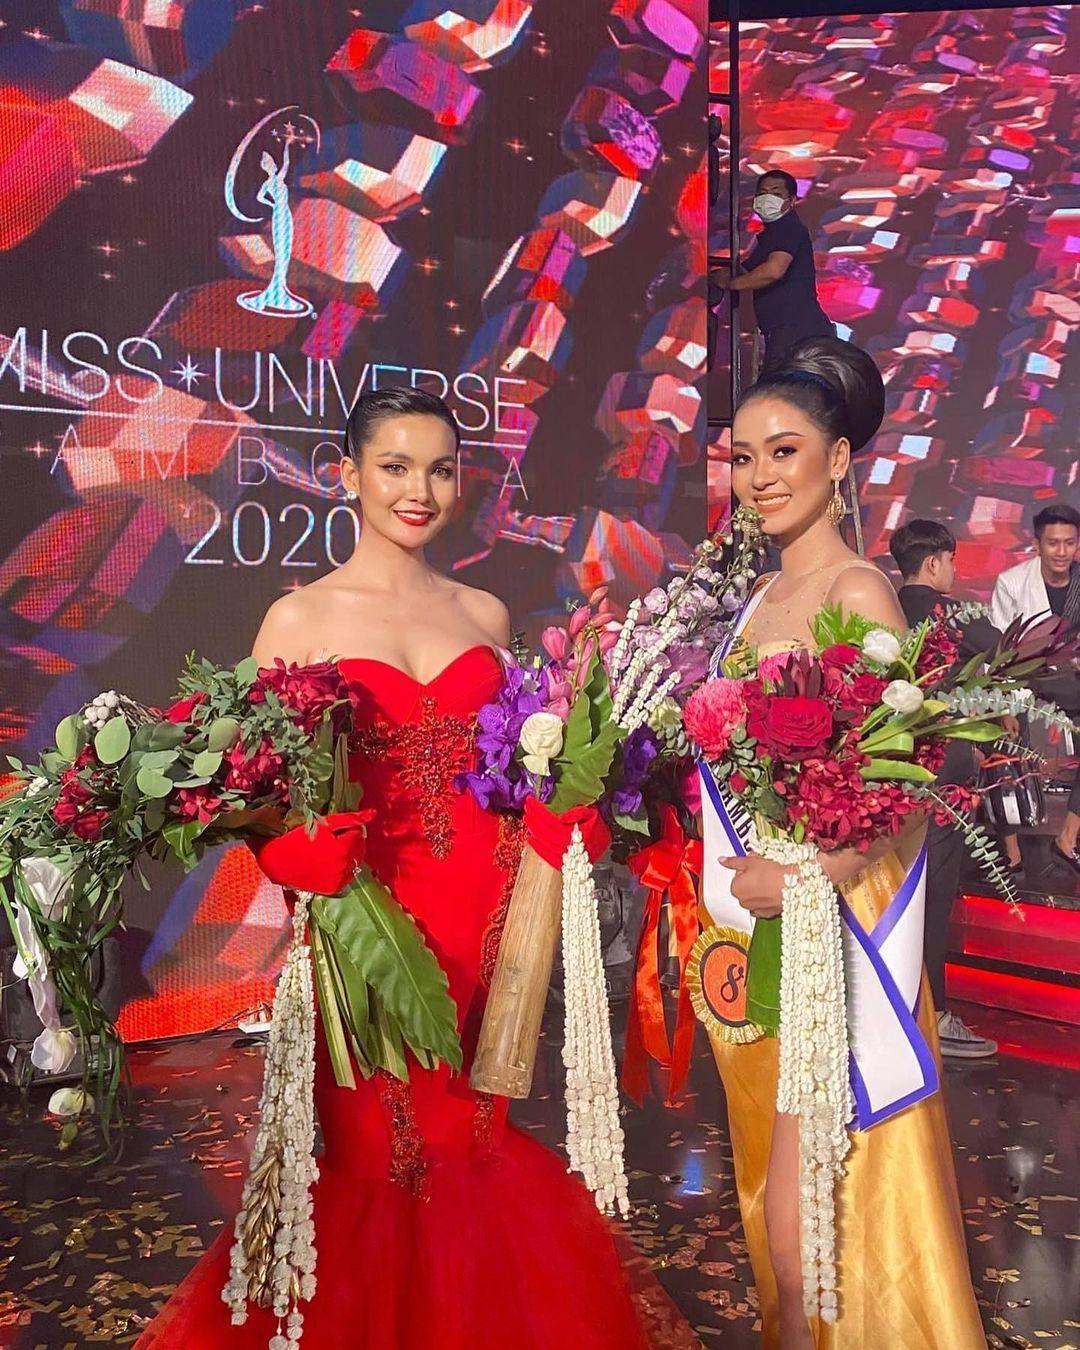 Tân Á hậu Hoàn vũ Campuchia vén váy lộ rõ nội y ngay giữa sân khấu trong giây phút được xướng lên trên sóng truyền hình - Ảnh 5.